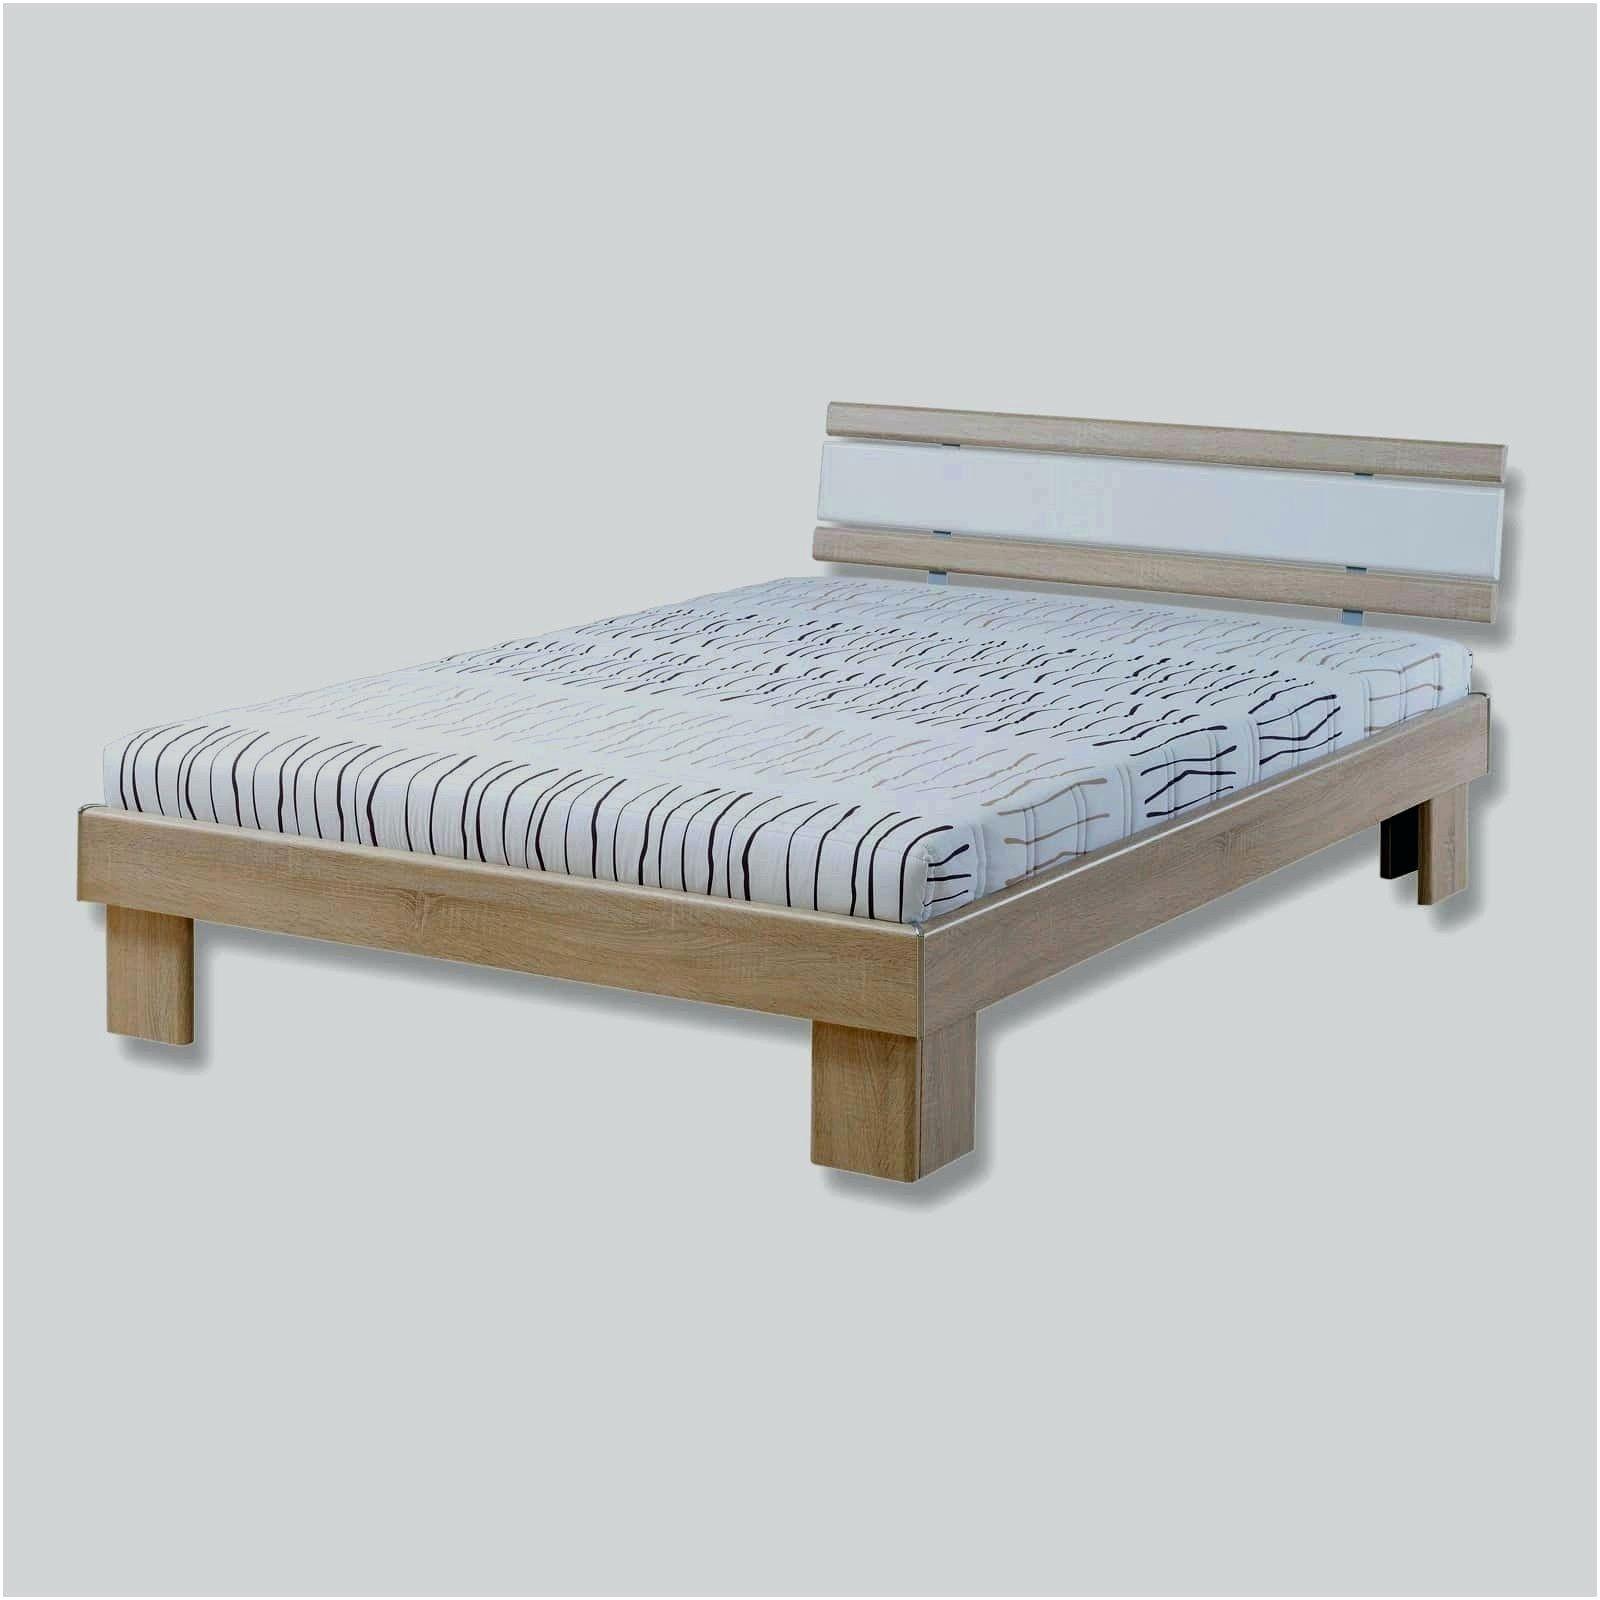 Gunstige Matratzen 120 200 Luxury Gunstige Matratzen 120 200 Einzigartig Das Beste 43 Bild Schlafzimmer Set Schlafzimmer Inspirationen Couch Mobel